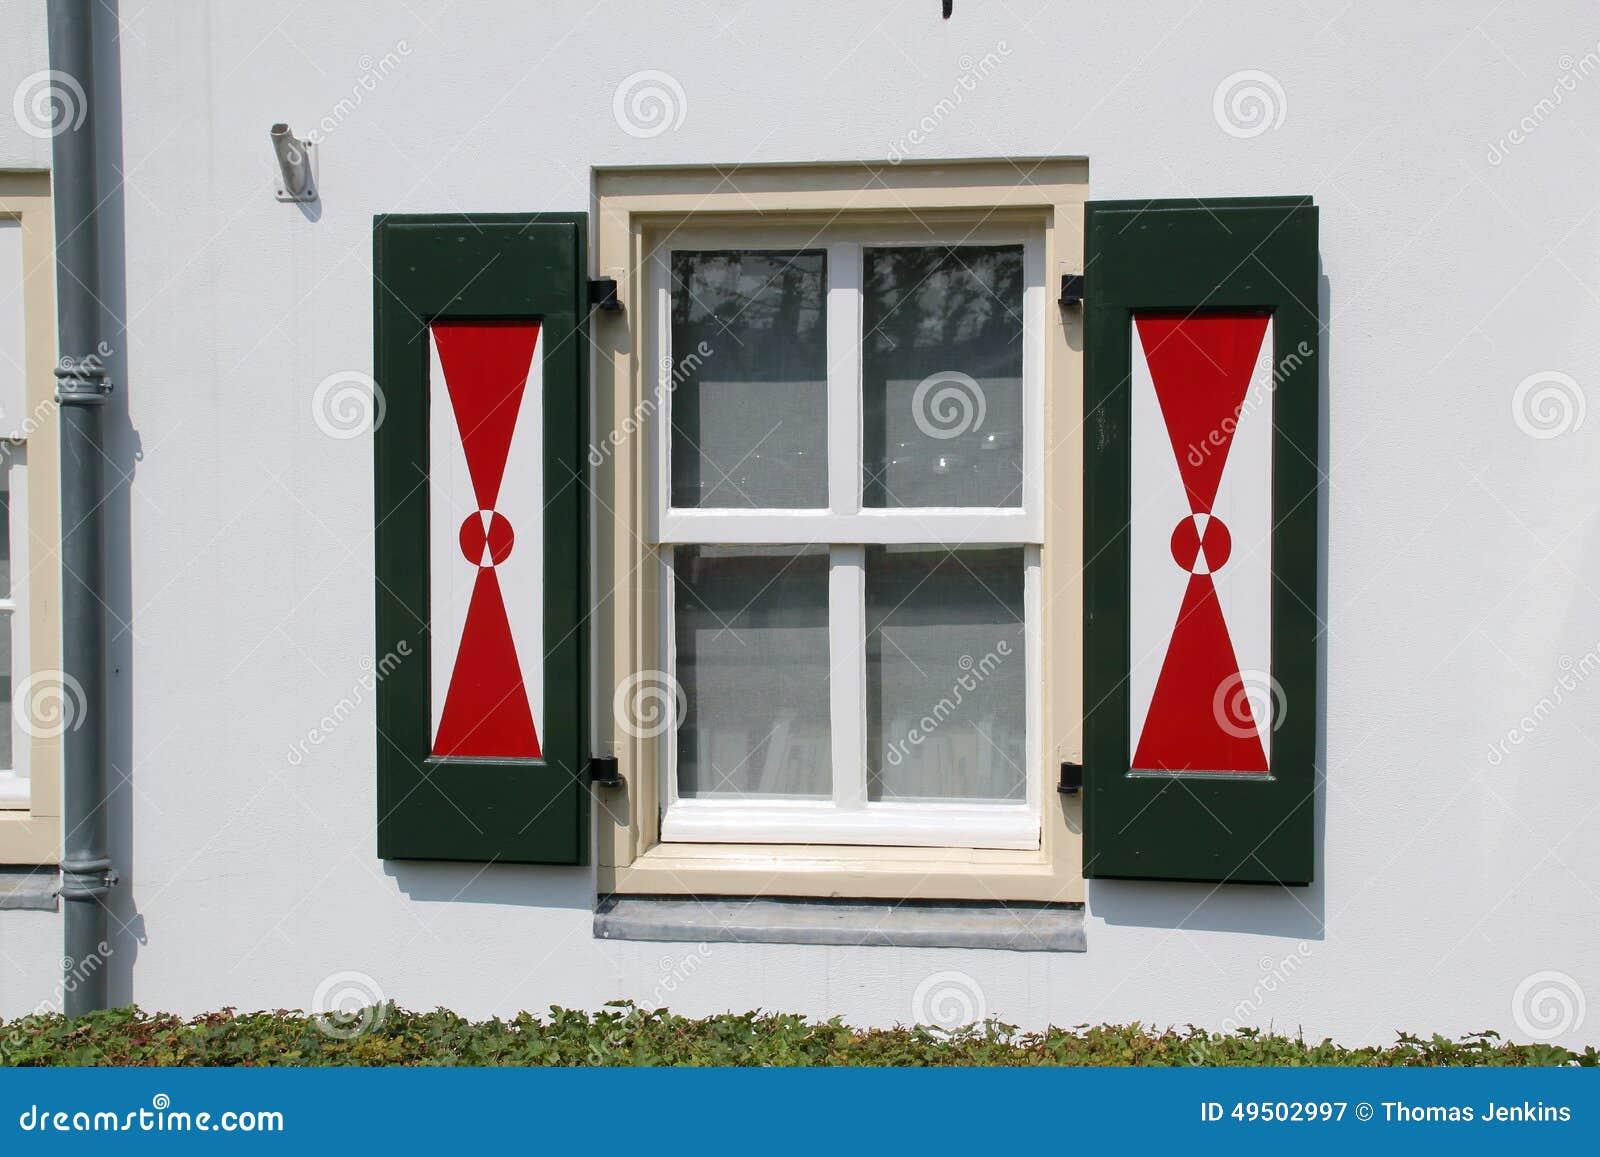 fensterl den auf niederl ndischen fenstern mit traditionellem rotem und wei em design stockfoto. Black Bedroom Furniture Sets. Home Design Ideas